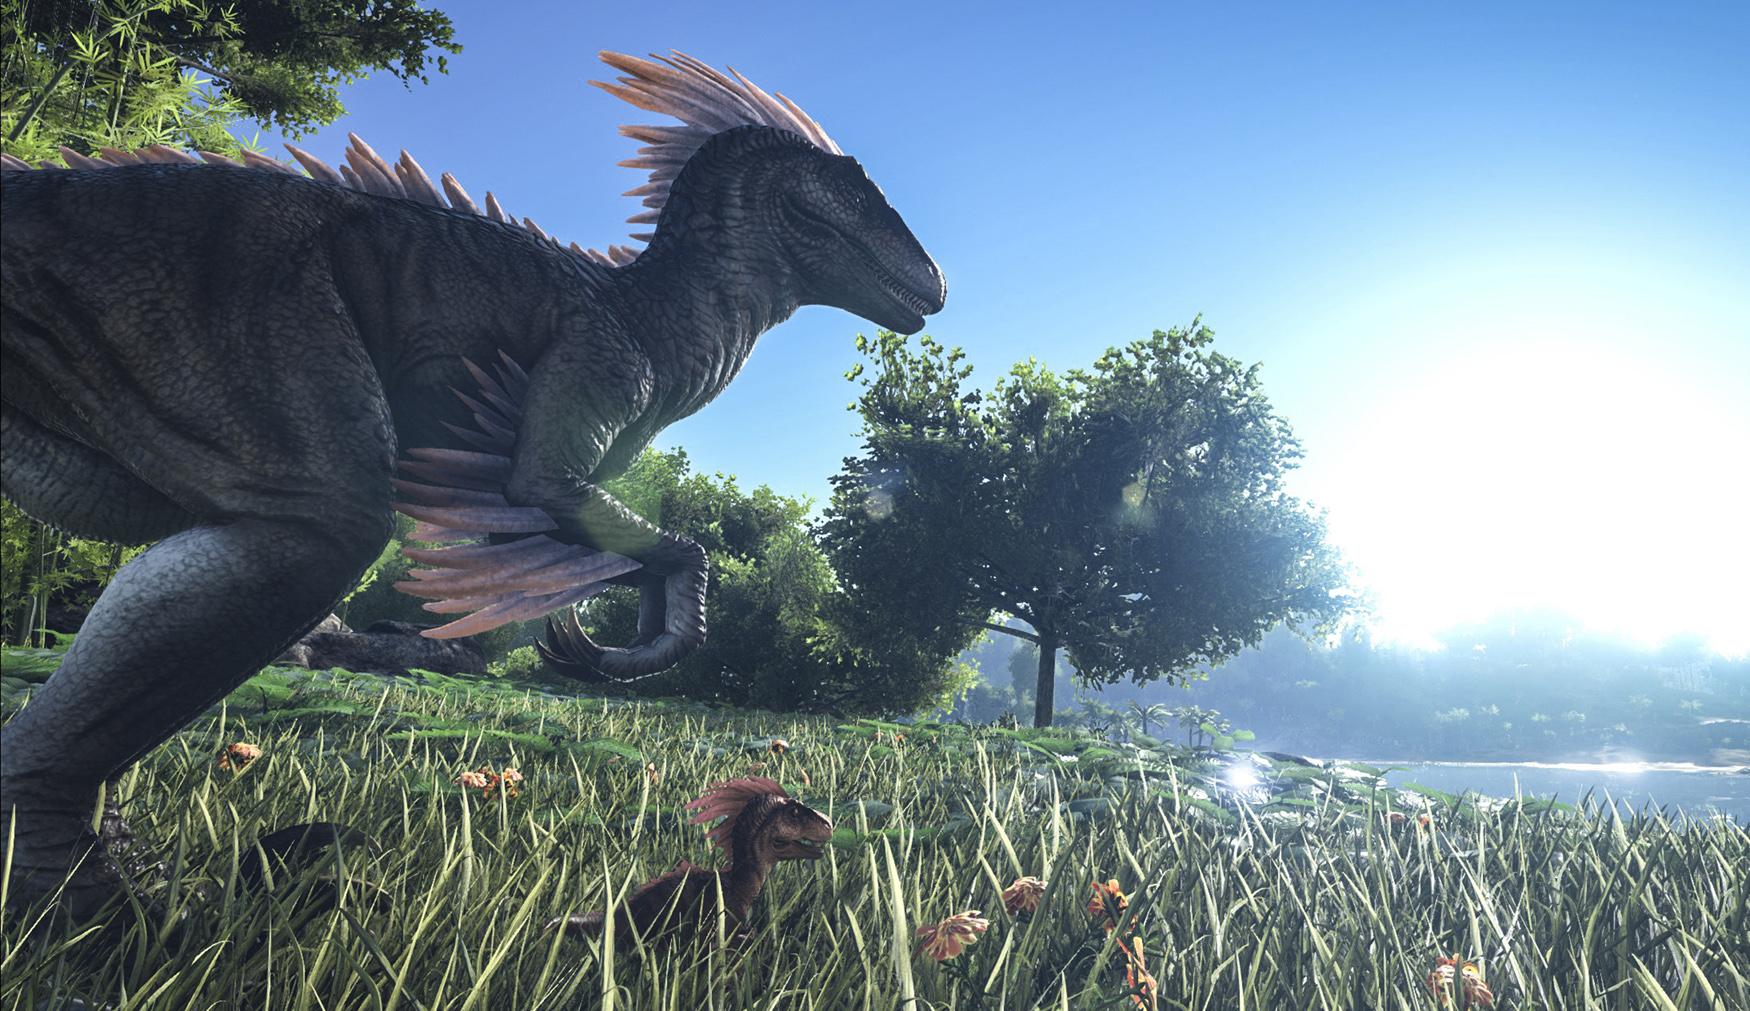 Jun 19, 2018 ARK: Extinction Release Date Revealed! ARK